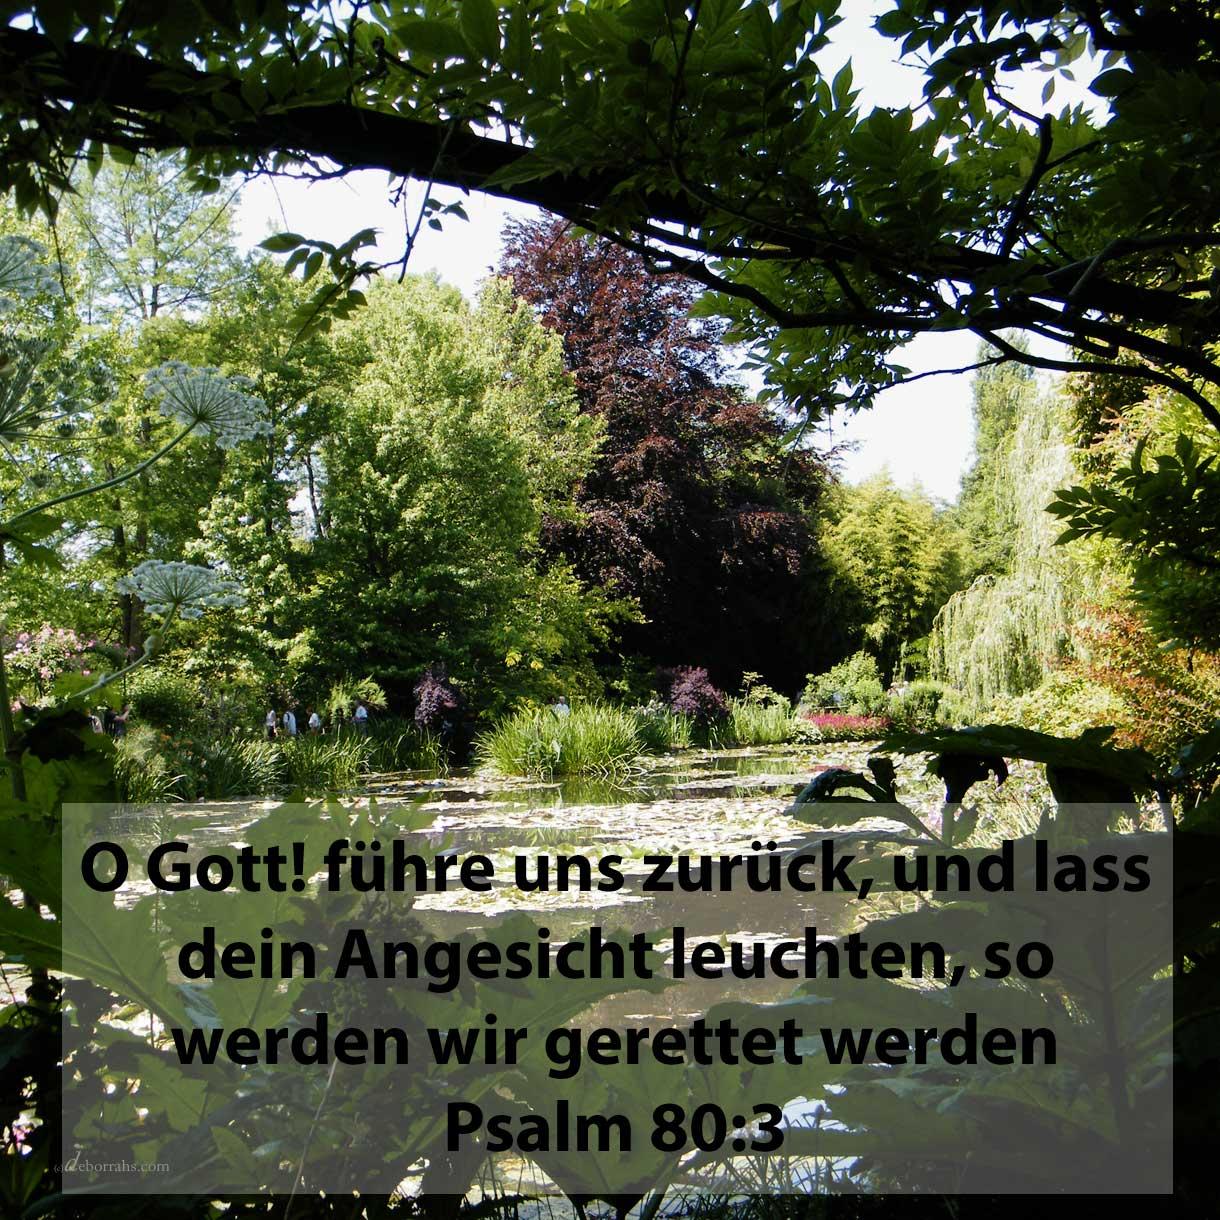 O Gott! führe uns zurück, und lass dein Angesicht leuchten, so werden wir gerettet werden ( Psalm 80,3 )